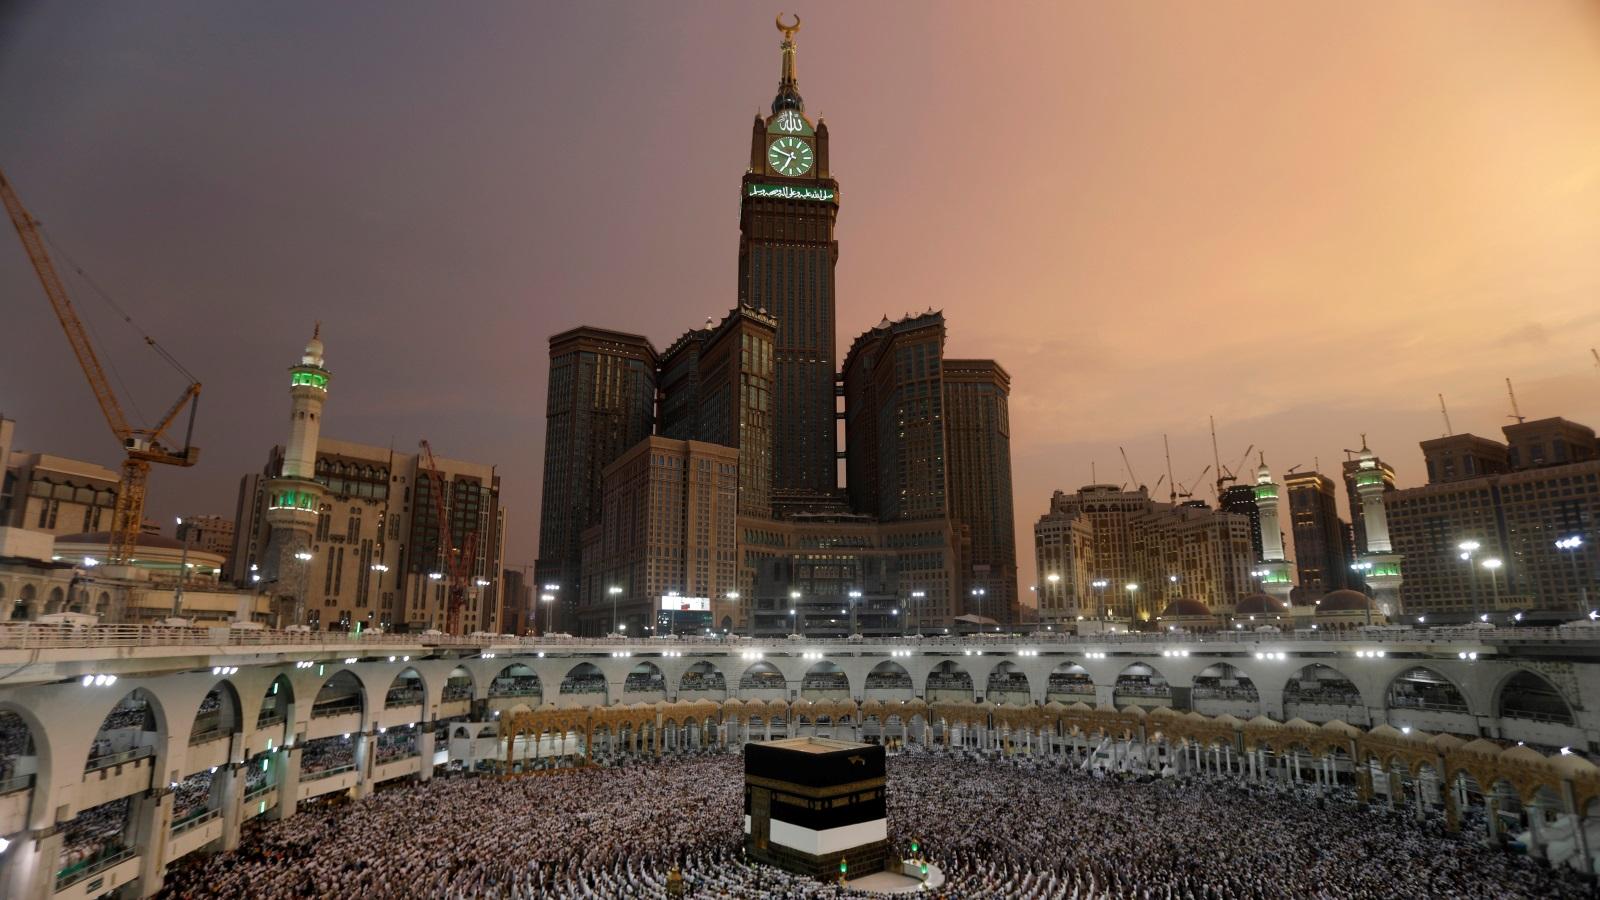 حولت بيت الرسول إلى سوق للماشية.. وأشياء أخرى: السعودية تدمر آثار الإسلام وترمم مآثر ملوكها..!!